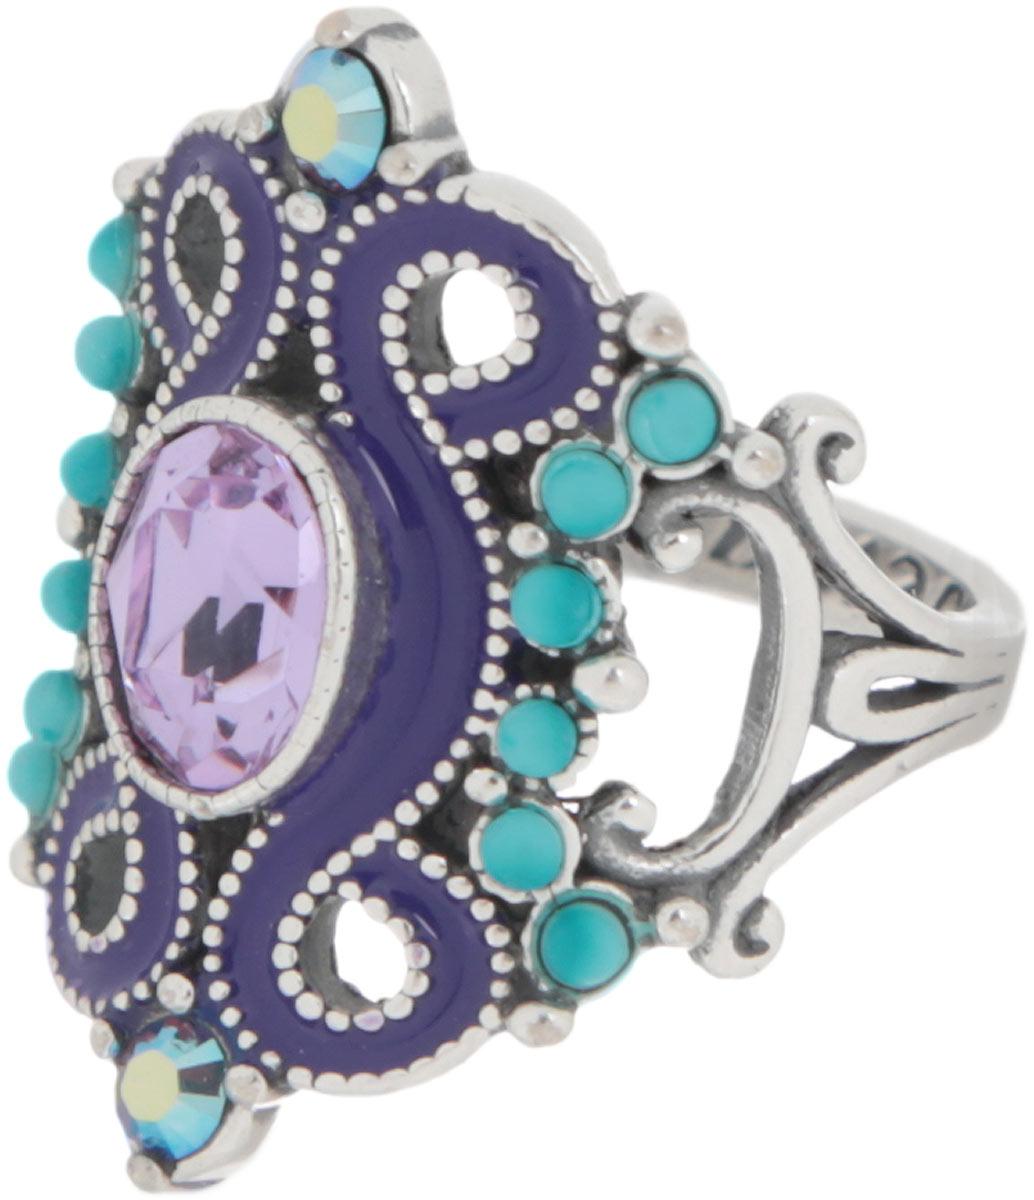 """Кольцо Jenavi """"Шер"""", цвет: серебристый, сиреневый, фиолетовый, бирюзовый. Размер 19"""